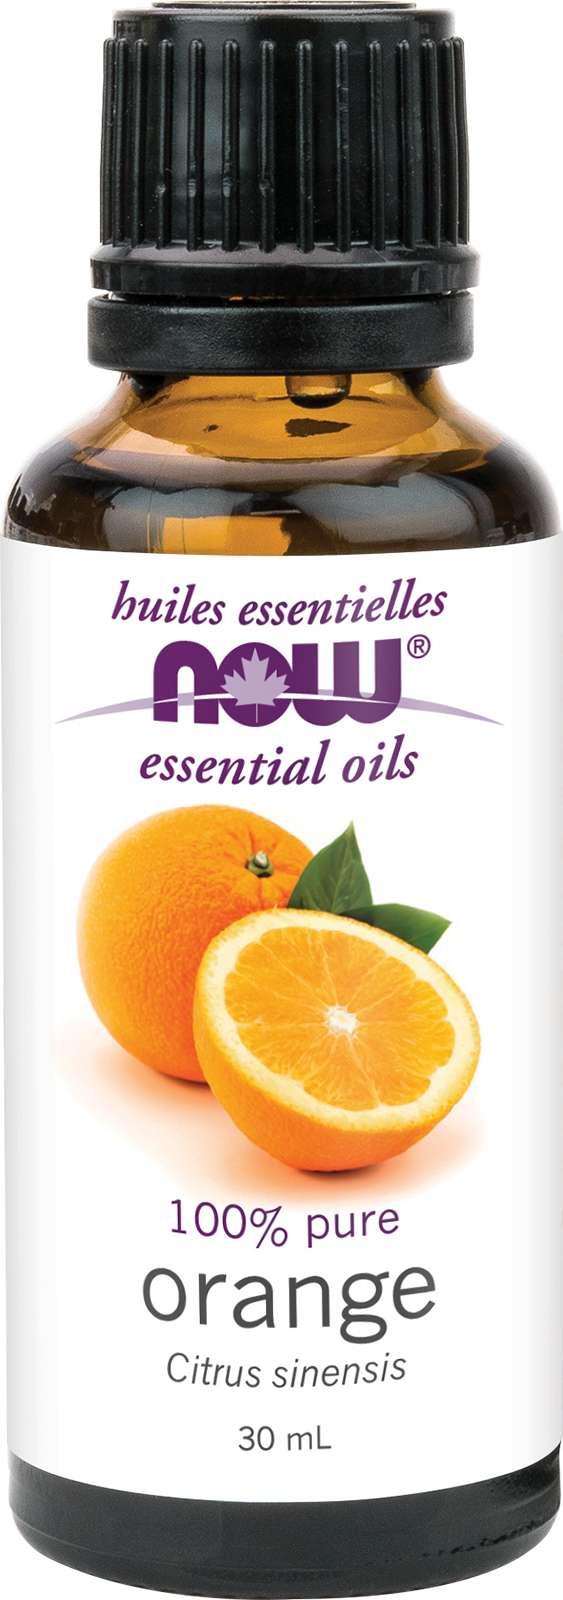 Orange Oil (Citrus sinensis)